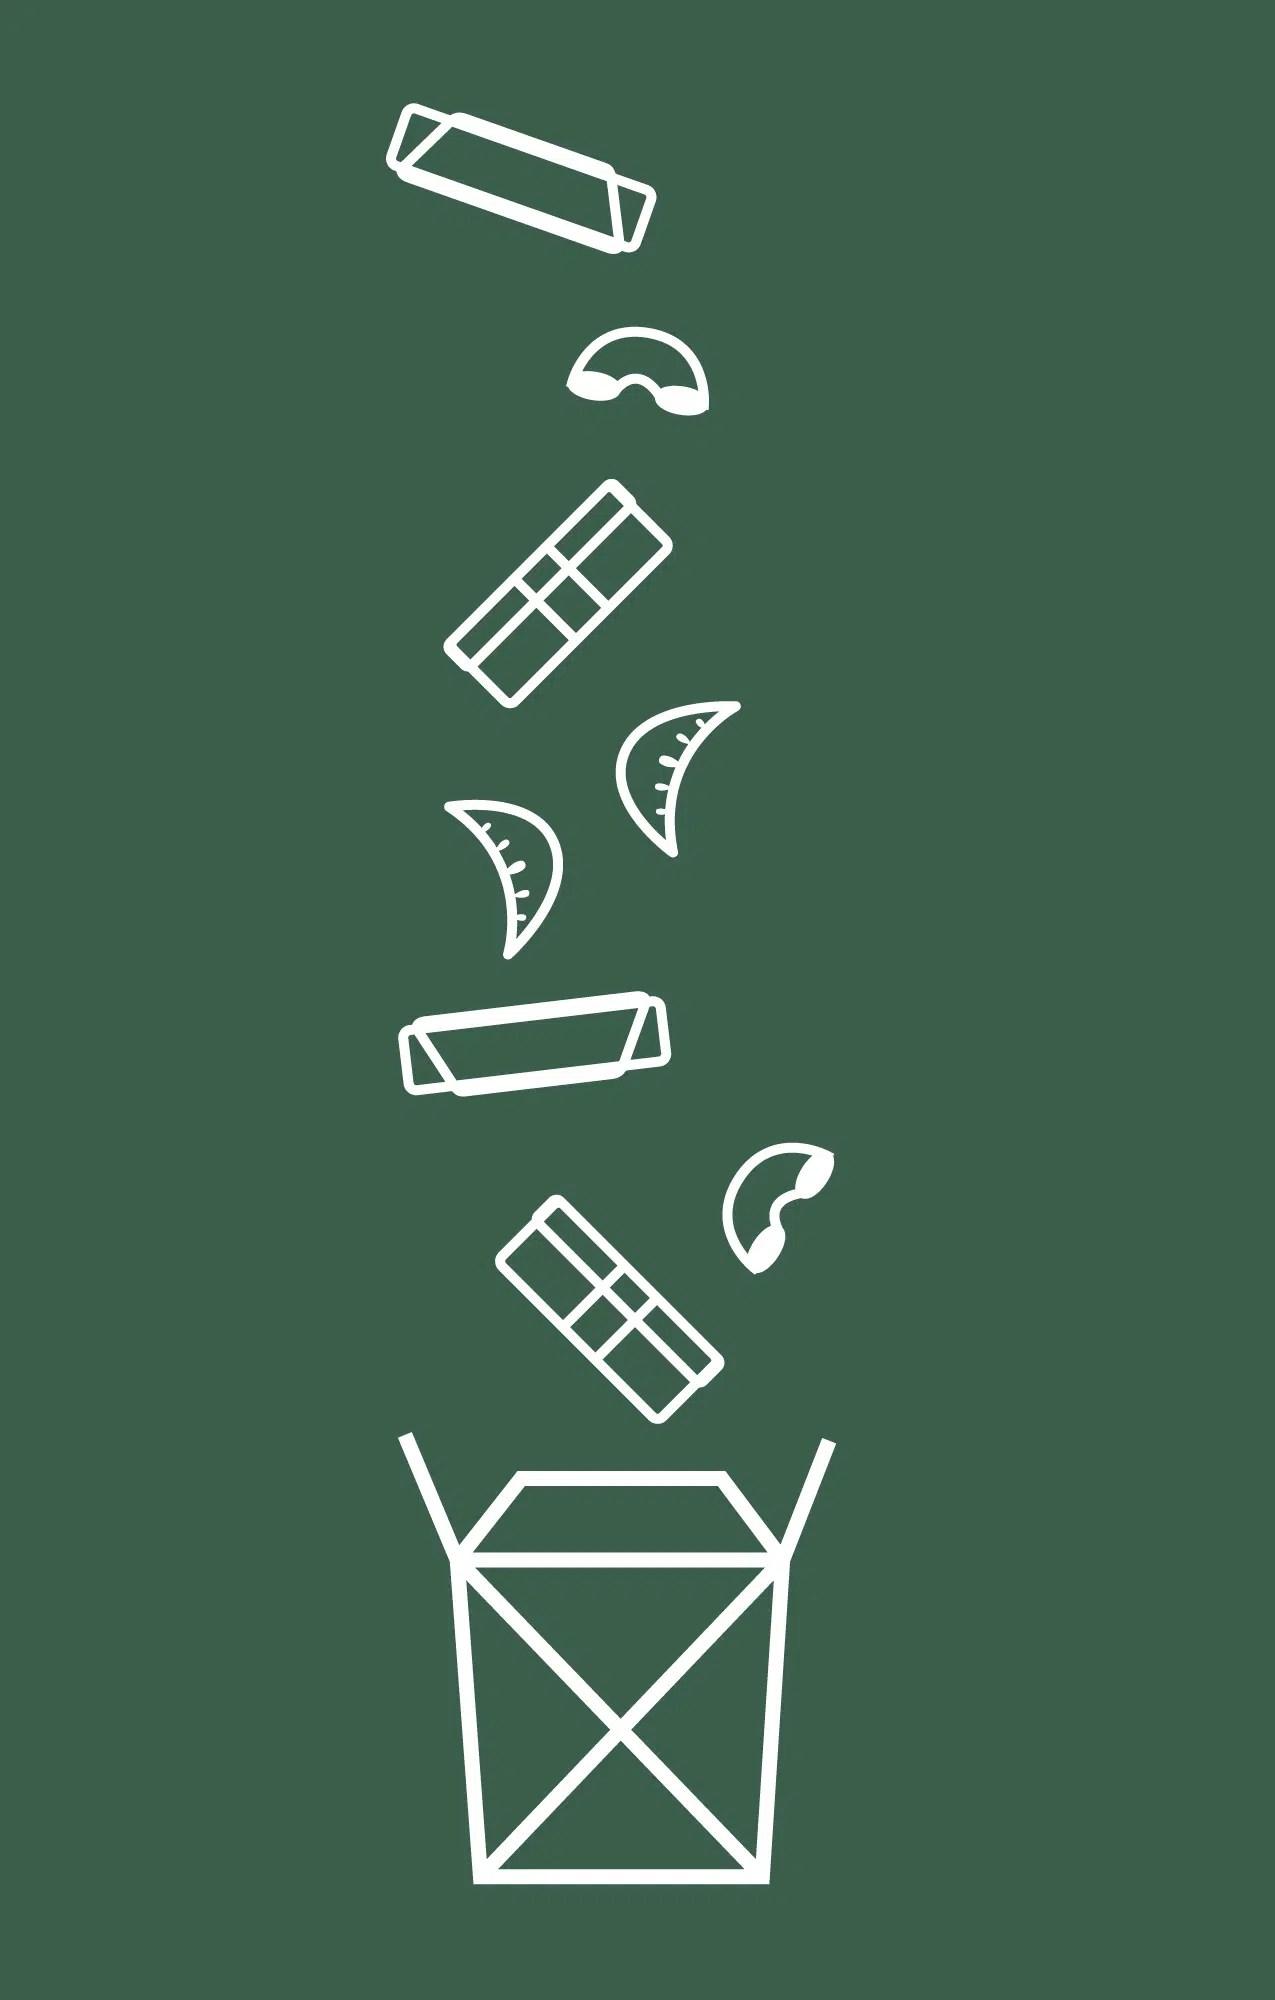 Hapa menu icons by Needmore Designs